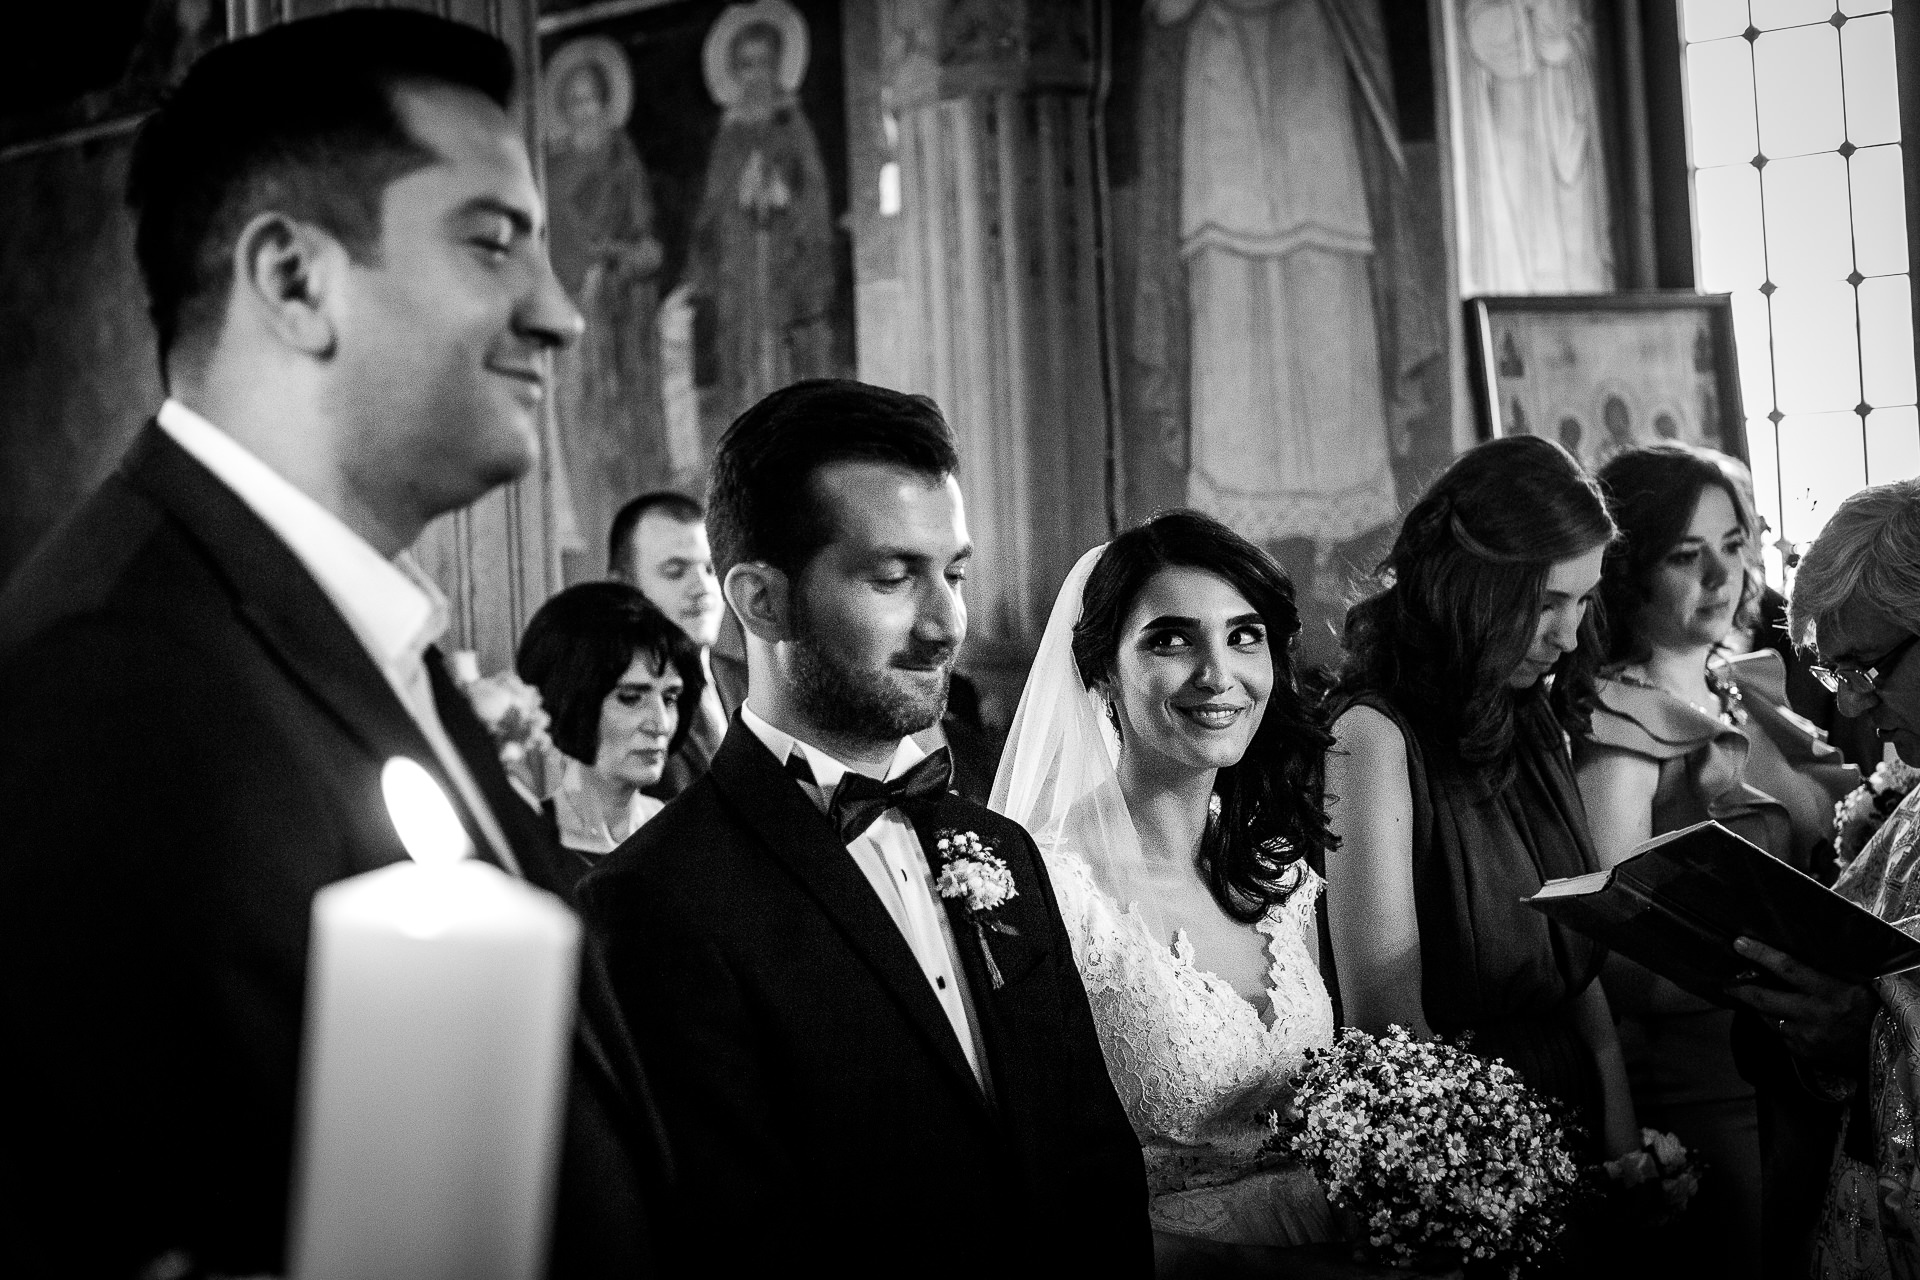 nuntă Salon Elisabeta - Elena şi Costin - Mihai Zaharia Photography - 037